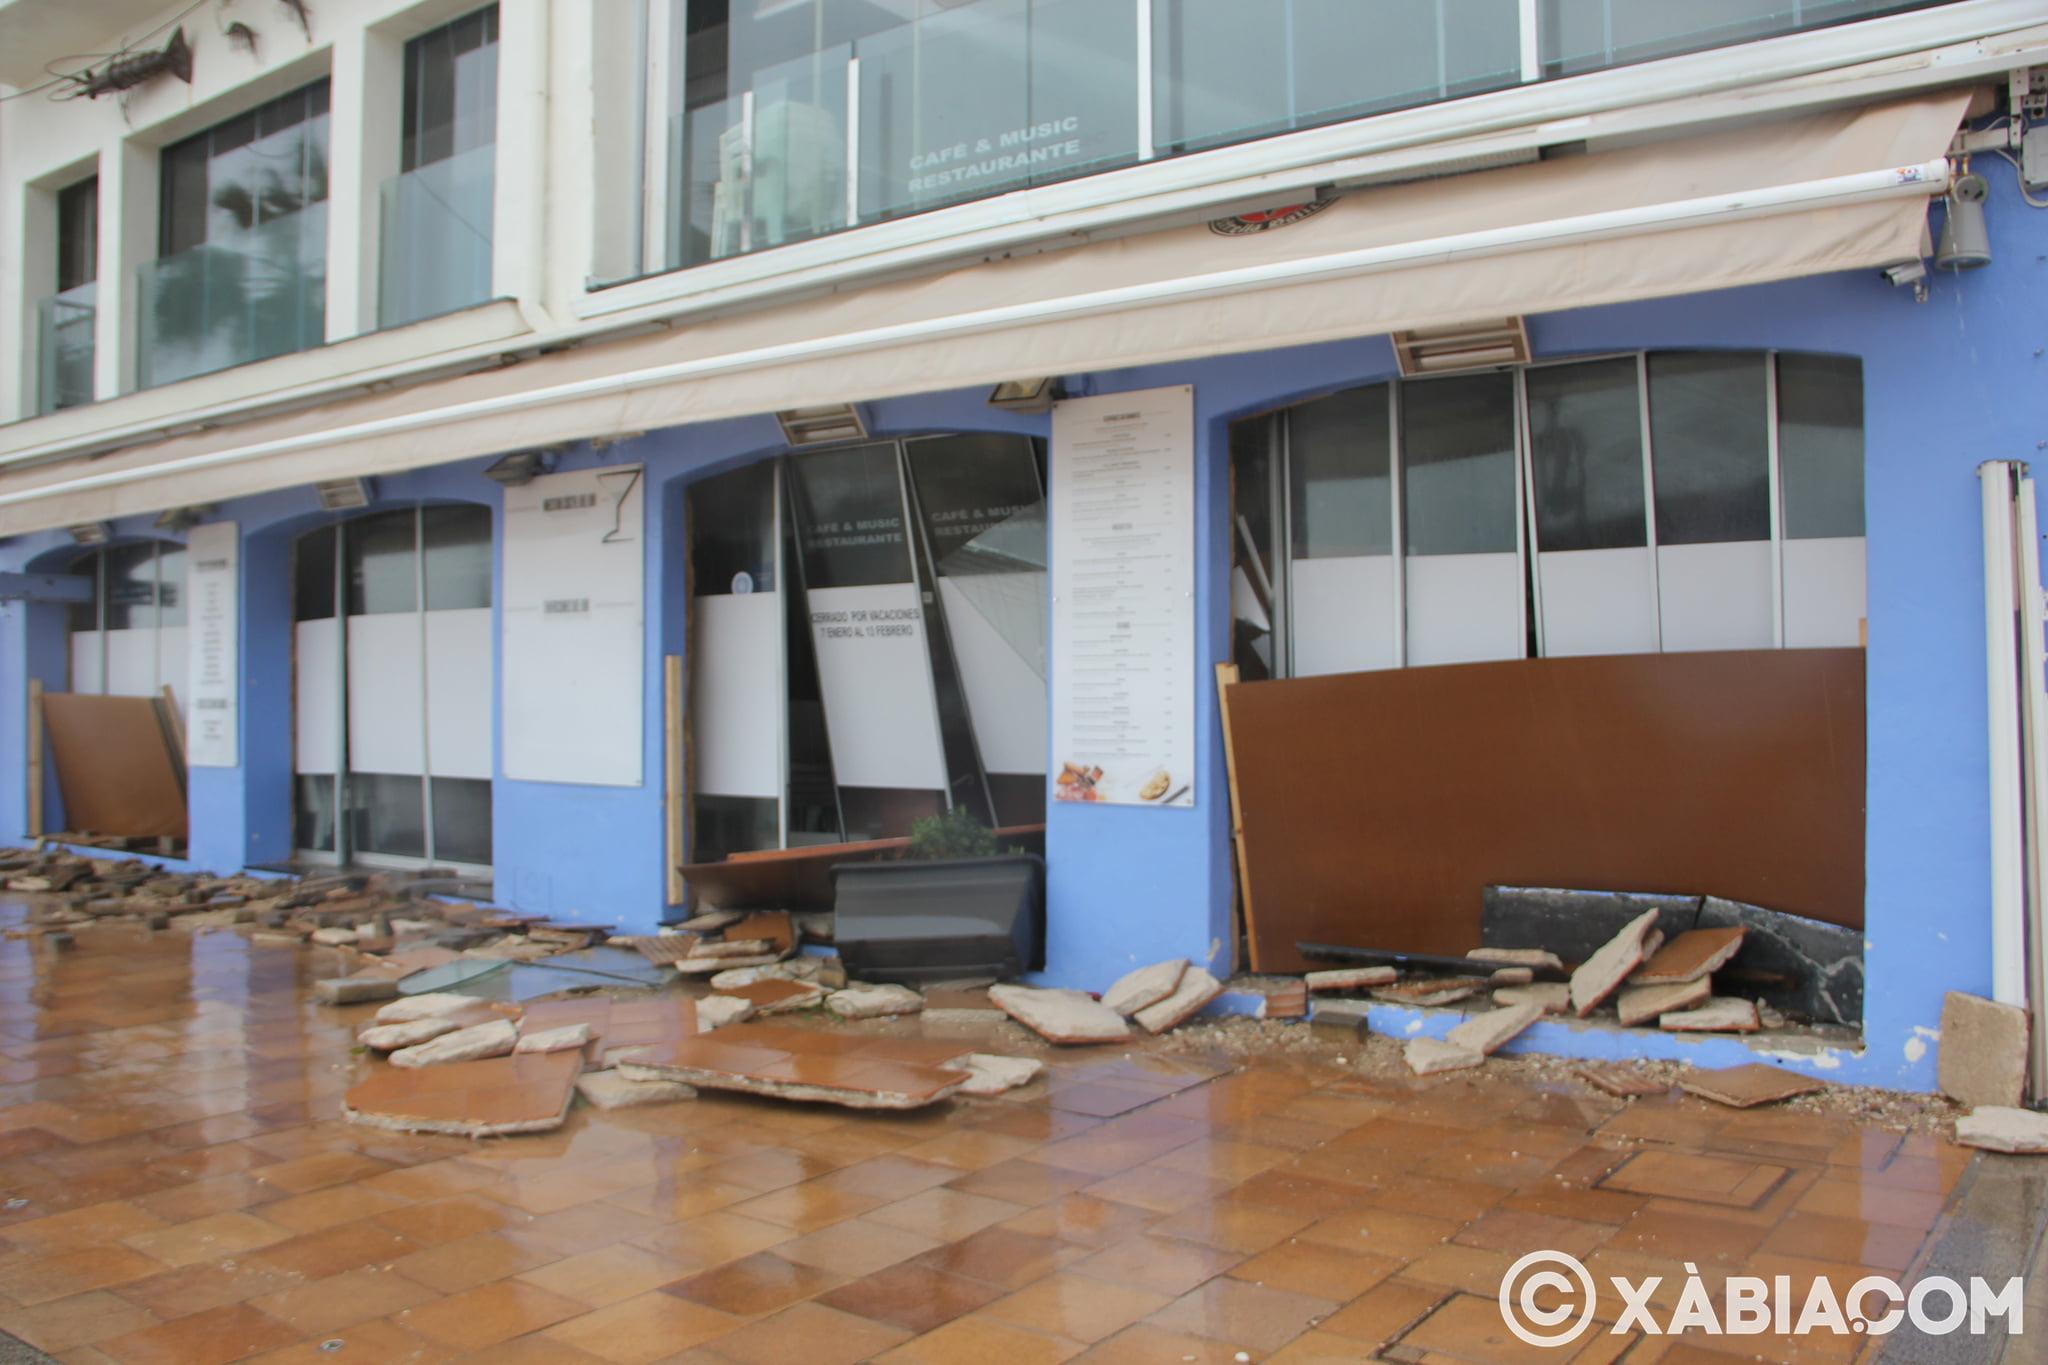 Brandelli di pioggia, vento e mare in Xàbia (51)